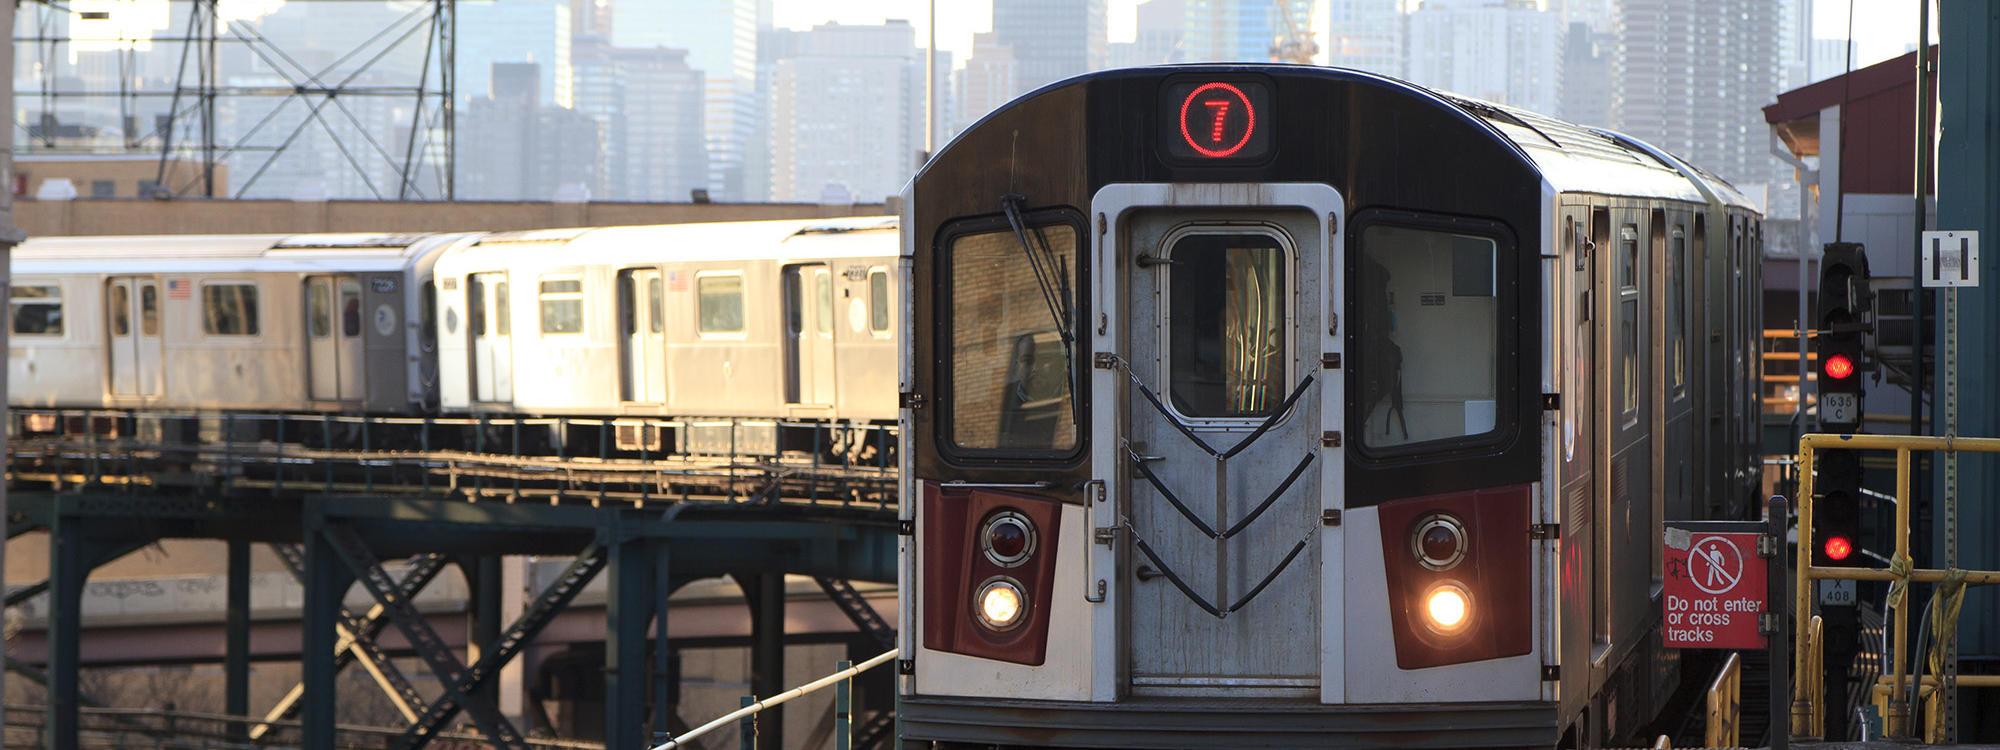 NYC Subway 7